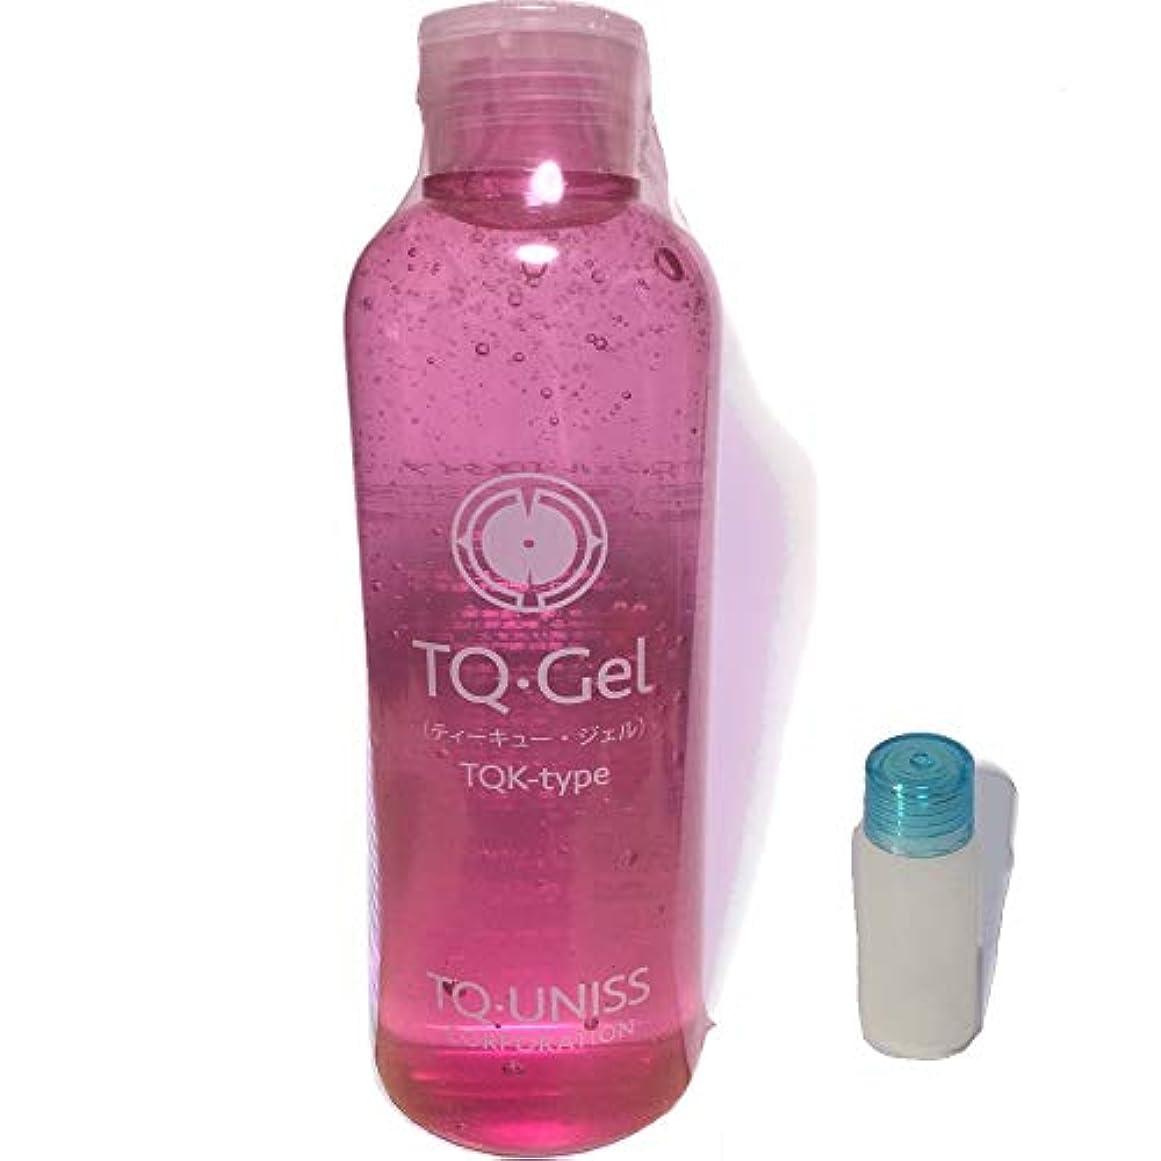 二年生レジデンス受け入れるリーニューアル TQジェル ミニボトル5mlセット厳選された自然由来の保湿成分プラス20のエネルギー [300ml] ピンクボトル